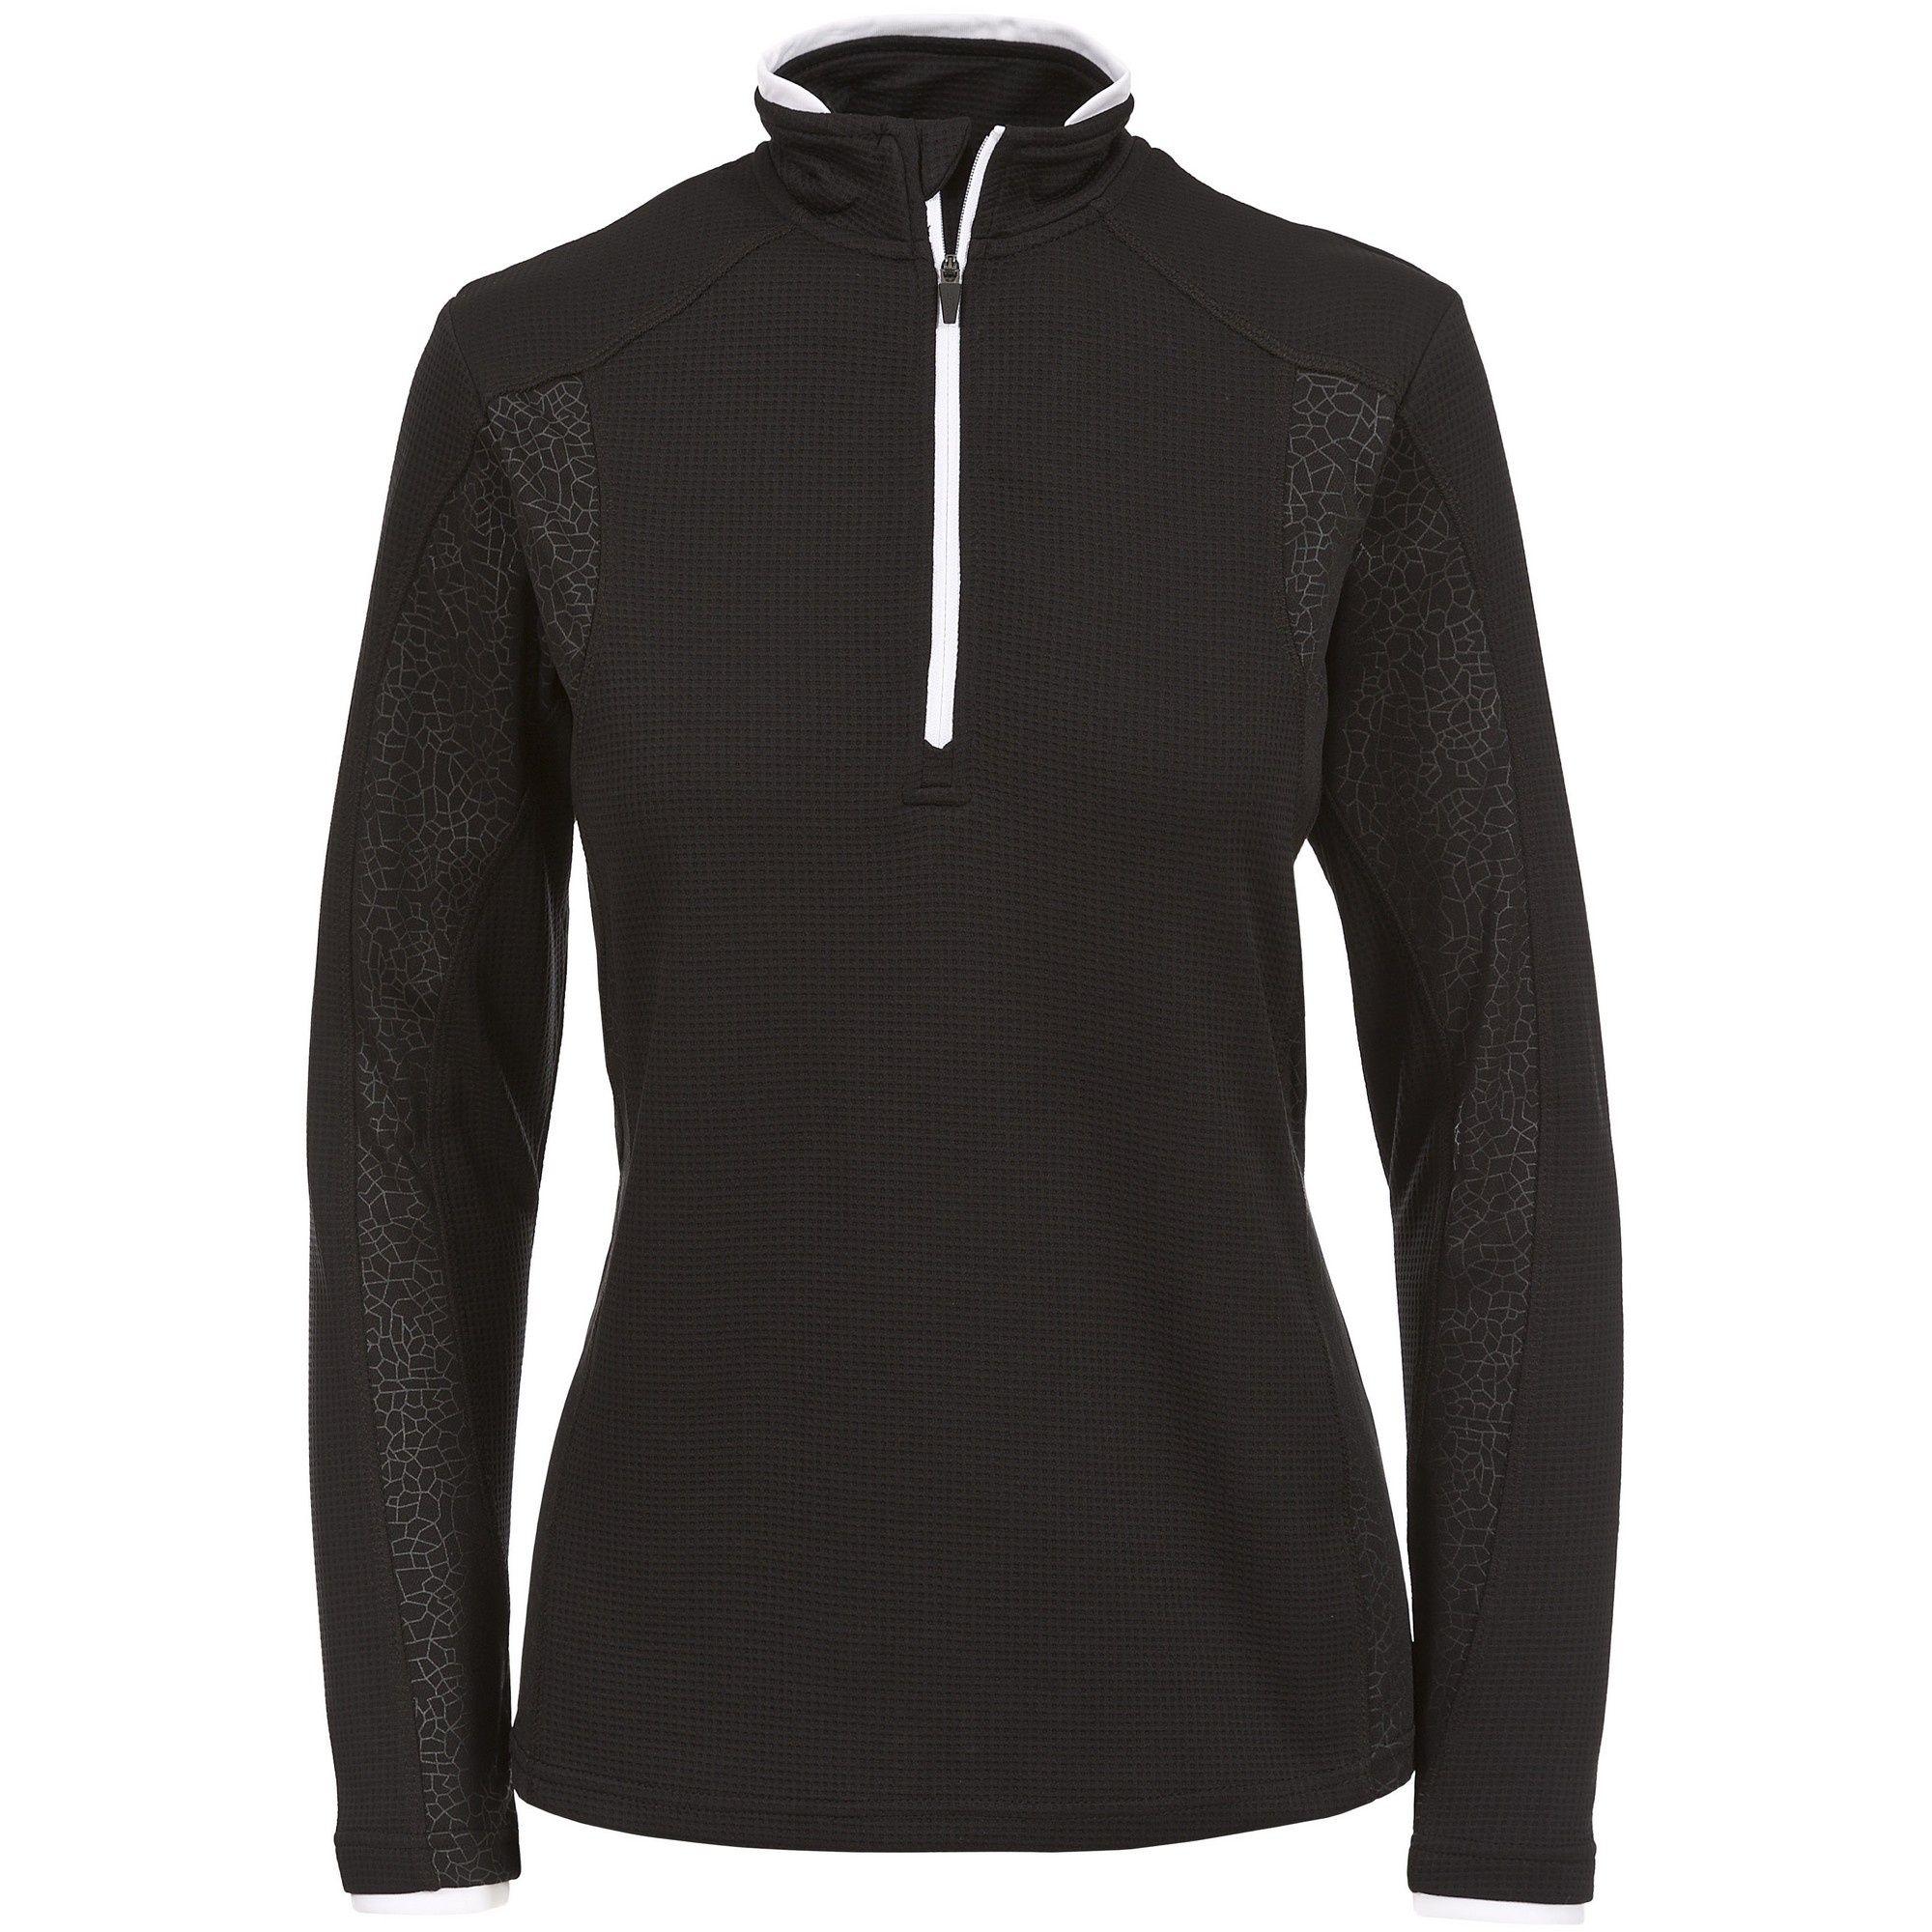 Trespass Womens/Ladies Ollog Half Zip Active Sports Top